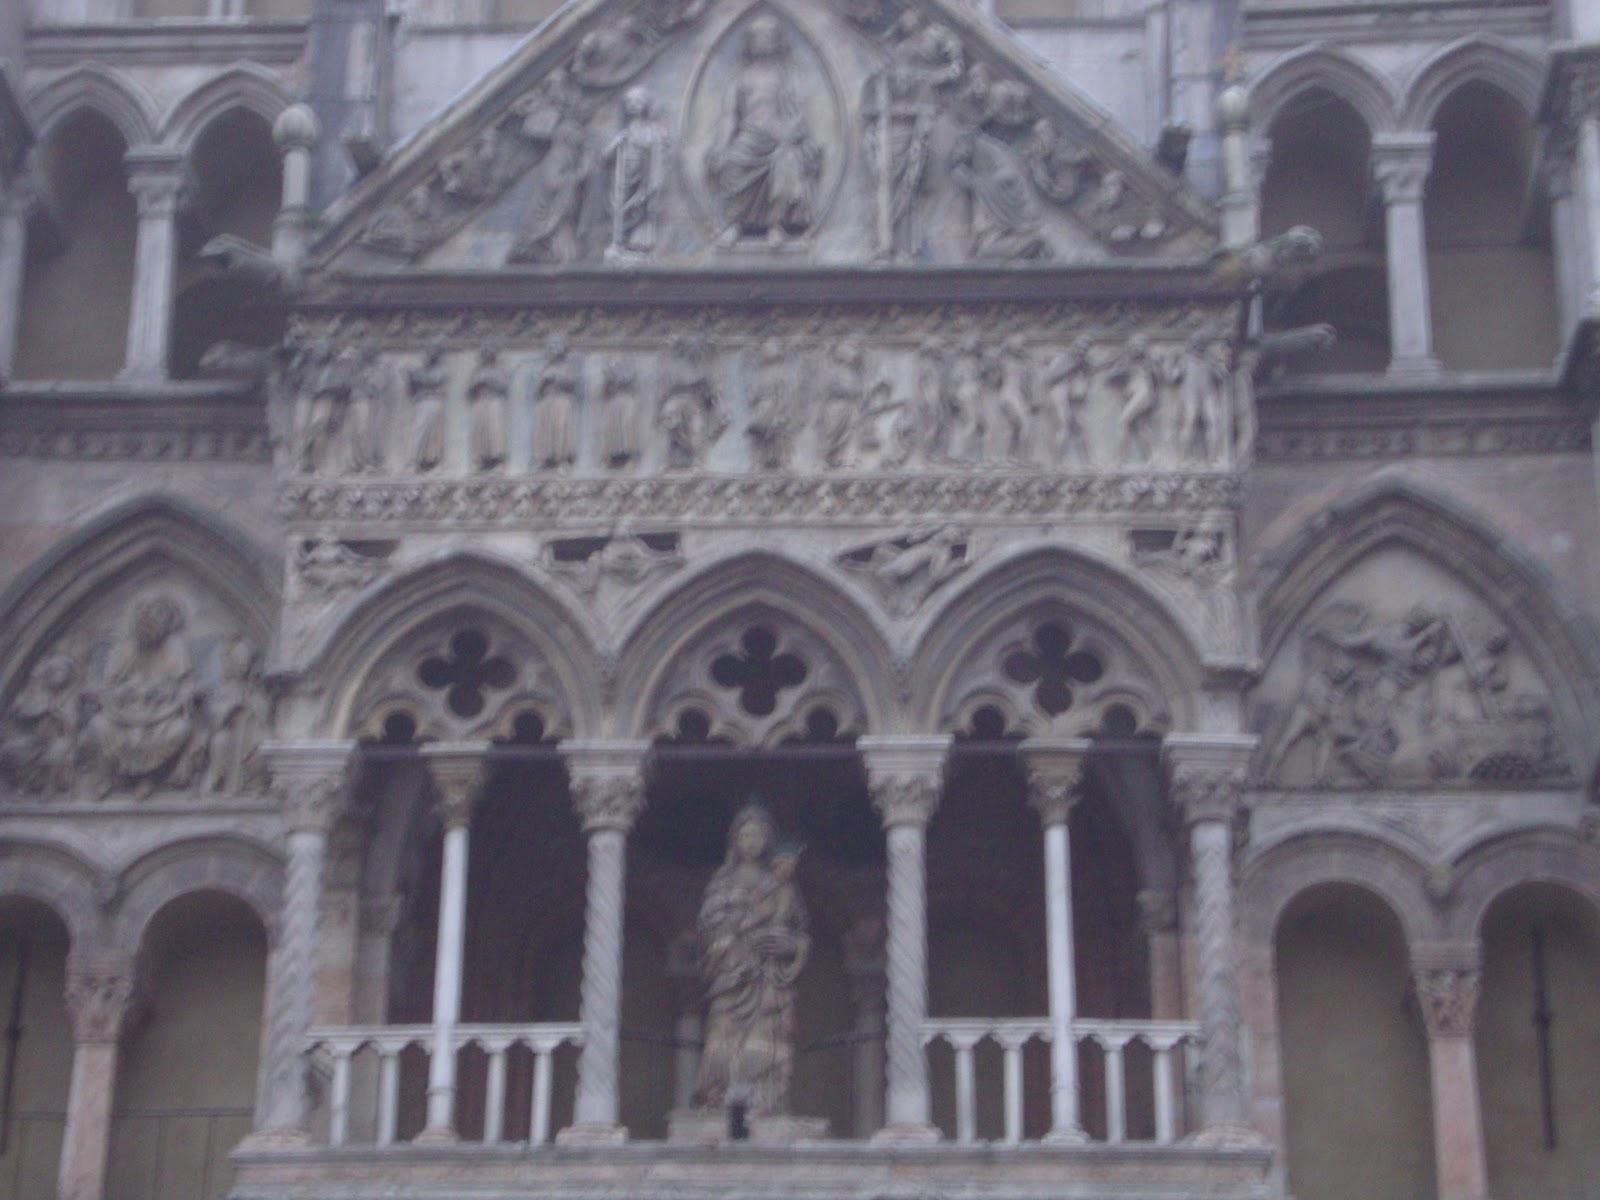 Arquitectura arte sacro y liturgia del s iv al medievo for Arquitectura sacro